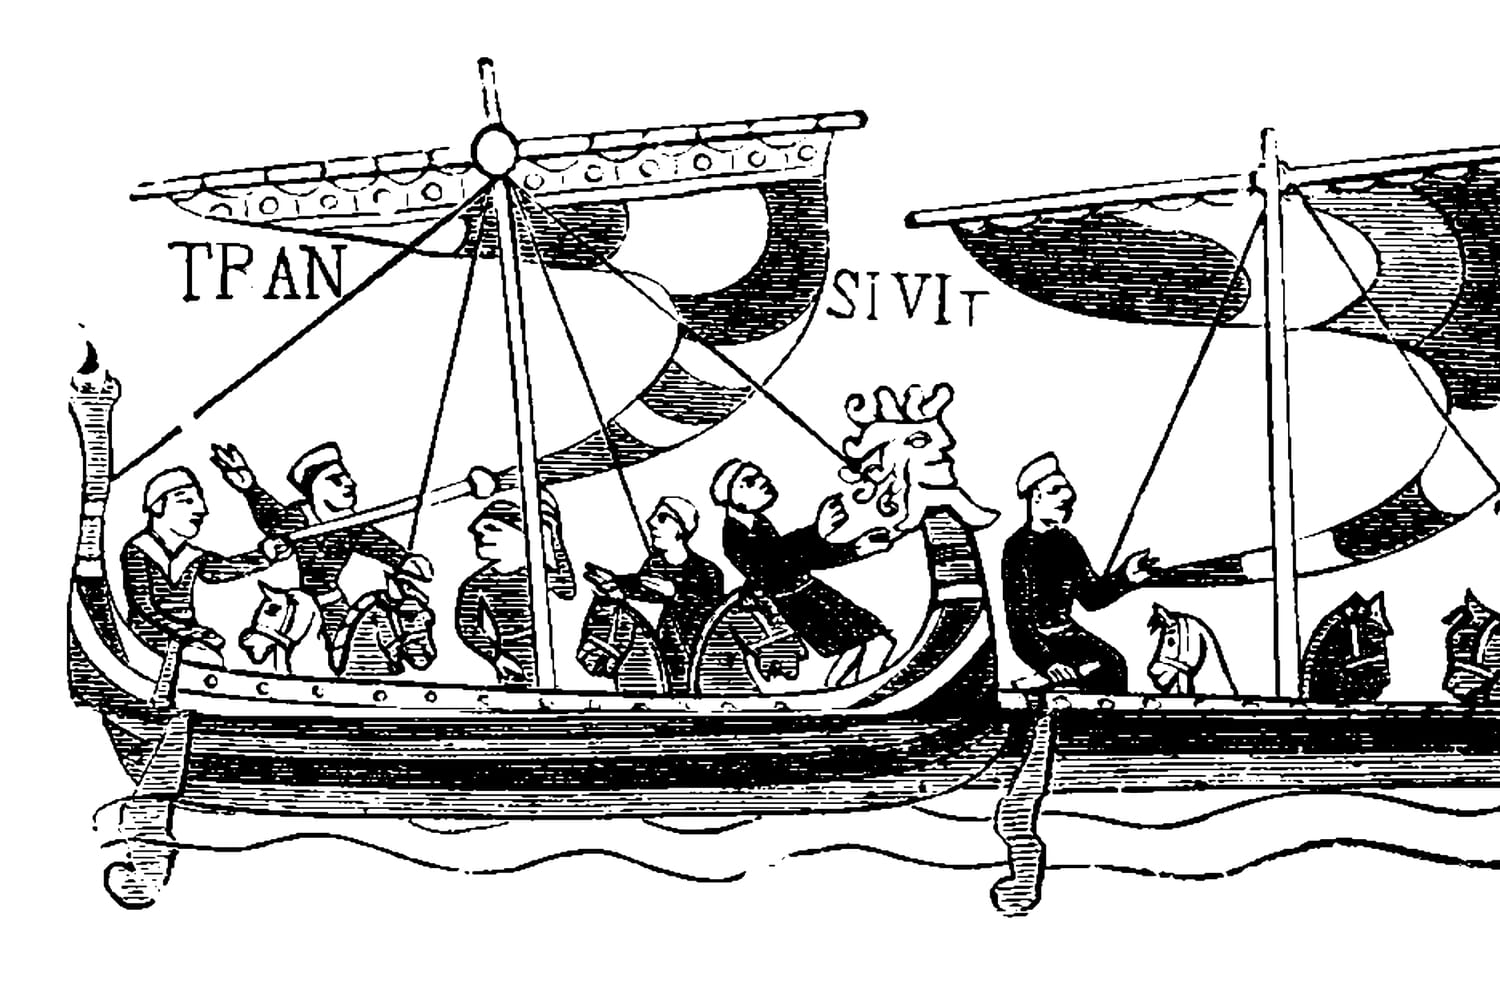 Guillaume le Conquérant: biographie du roi d'Angleterre vainqueur d'Hastings